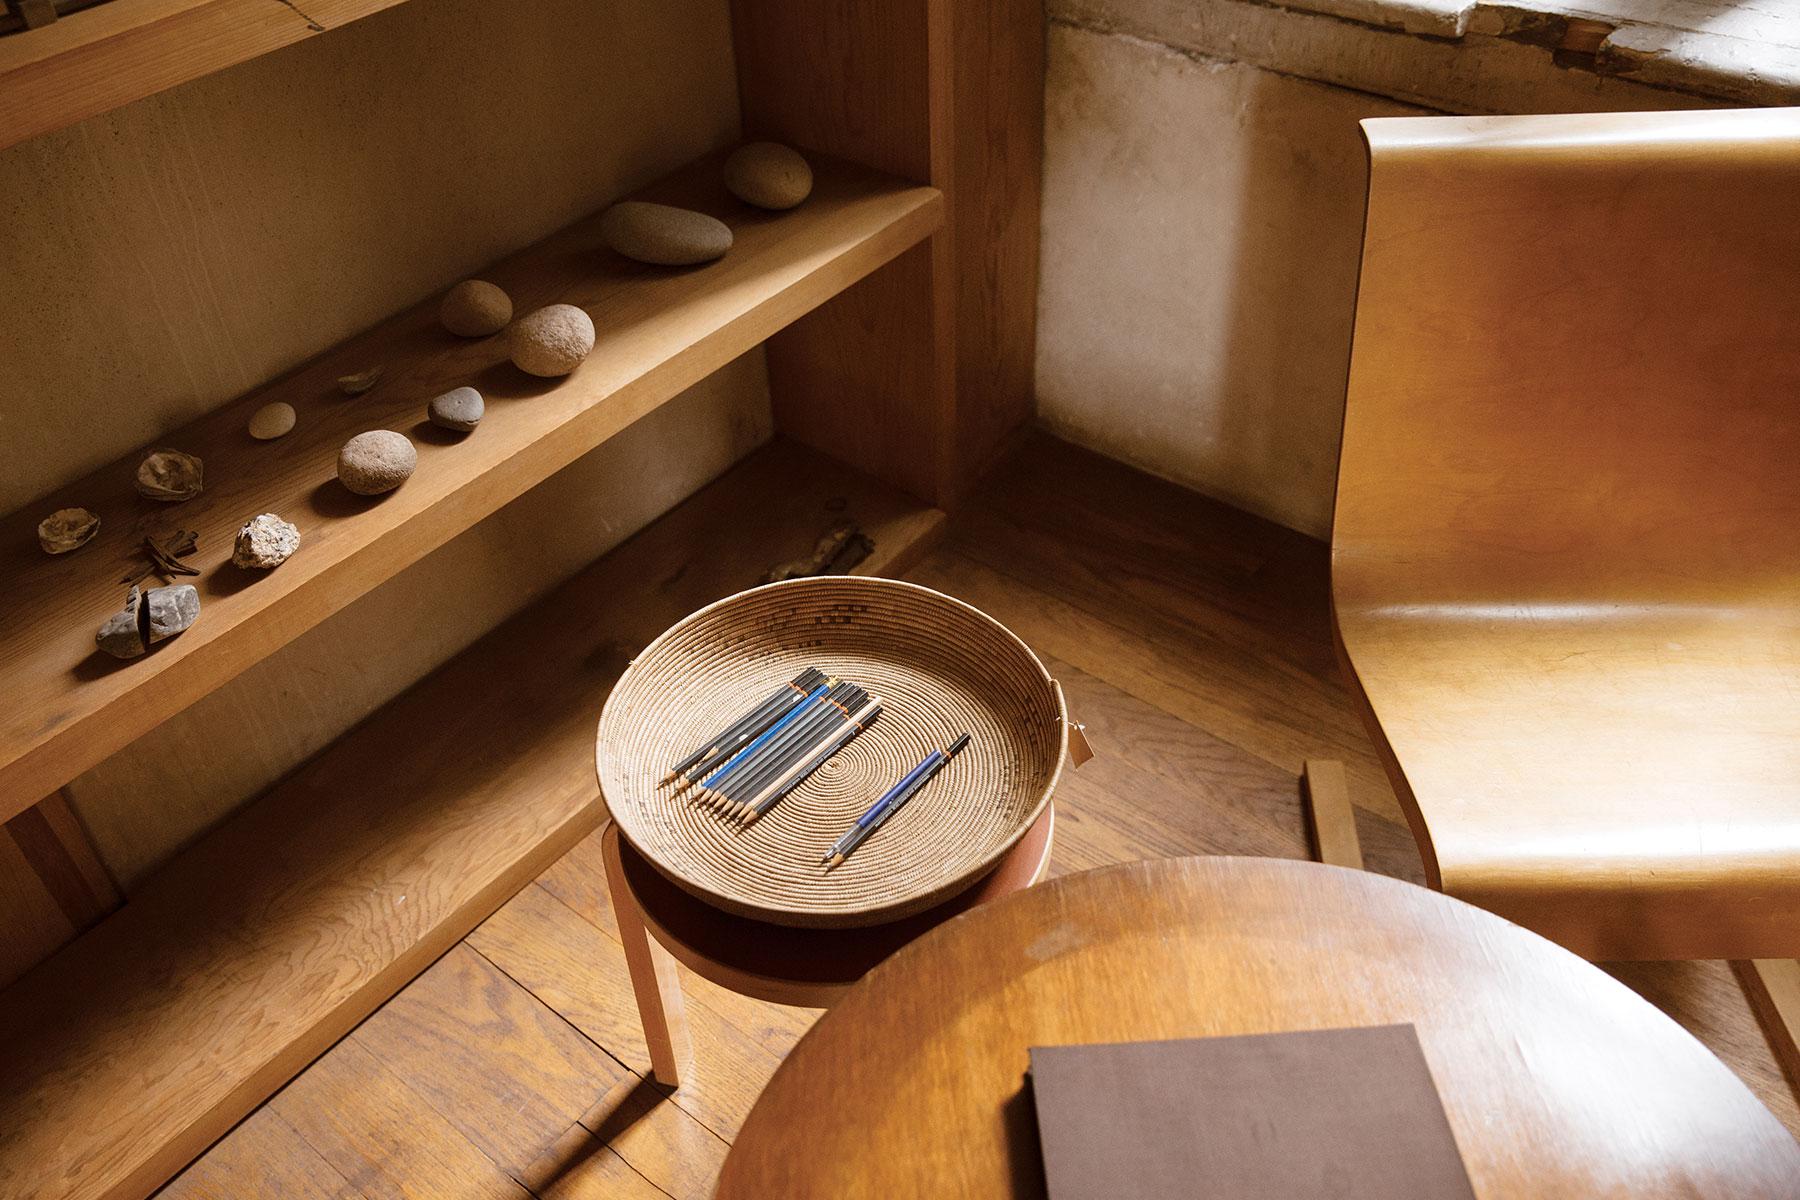 donald judd 101 spring street cereal. Black Bedroom Furniture Sets. Home Design Ideas